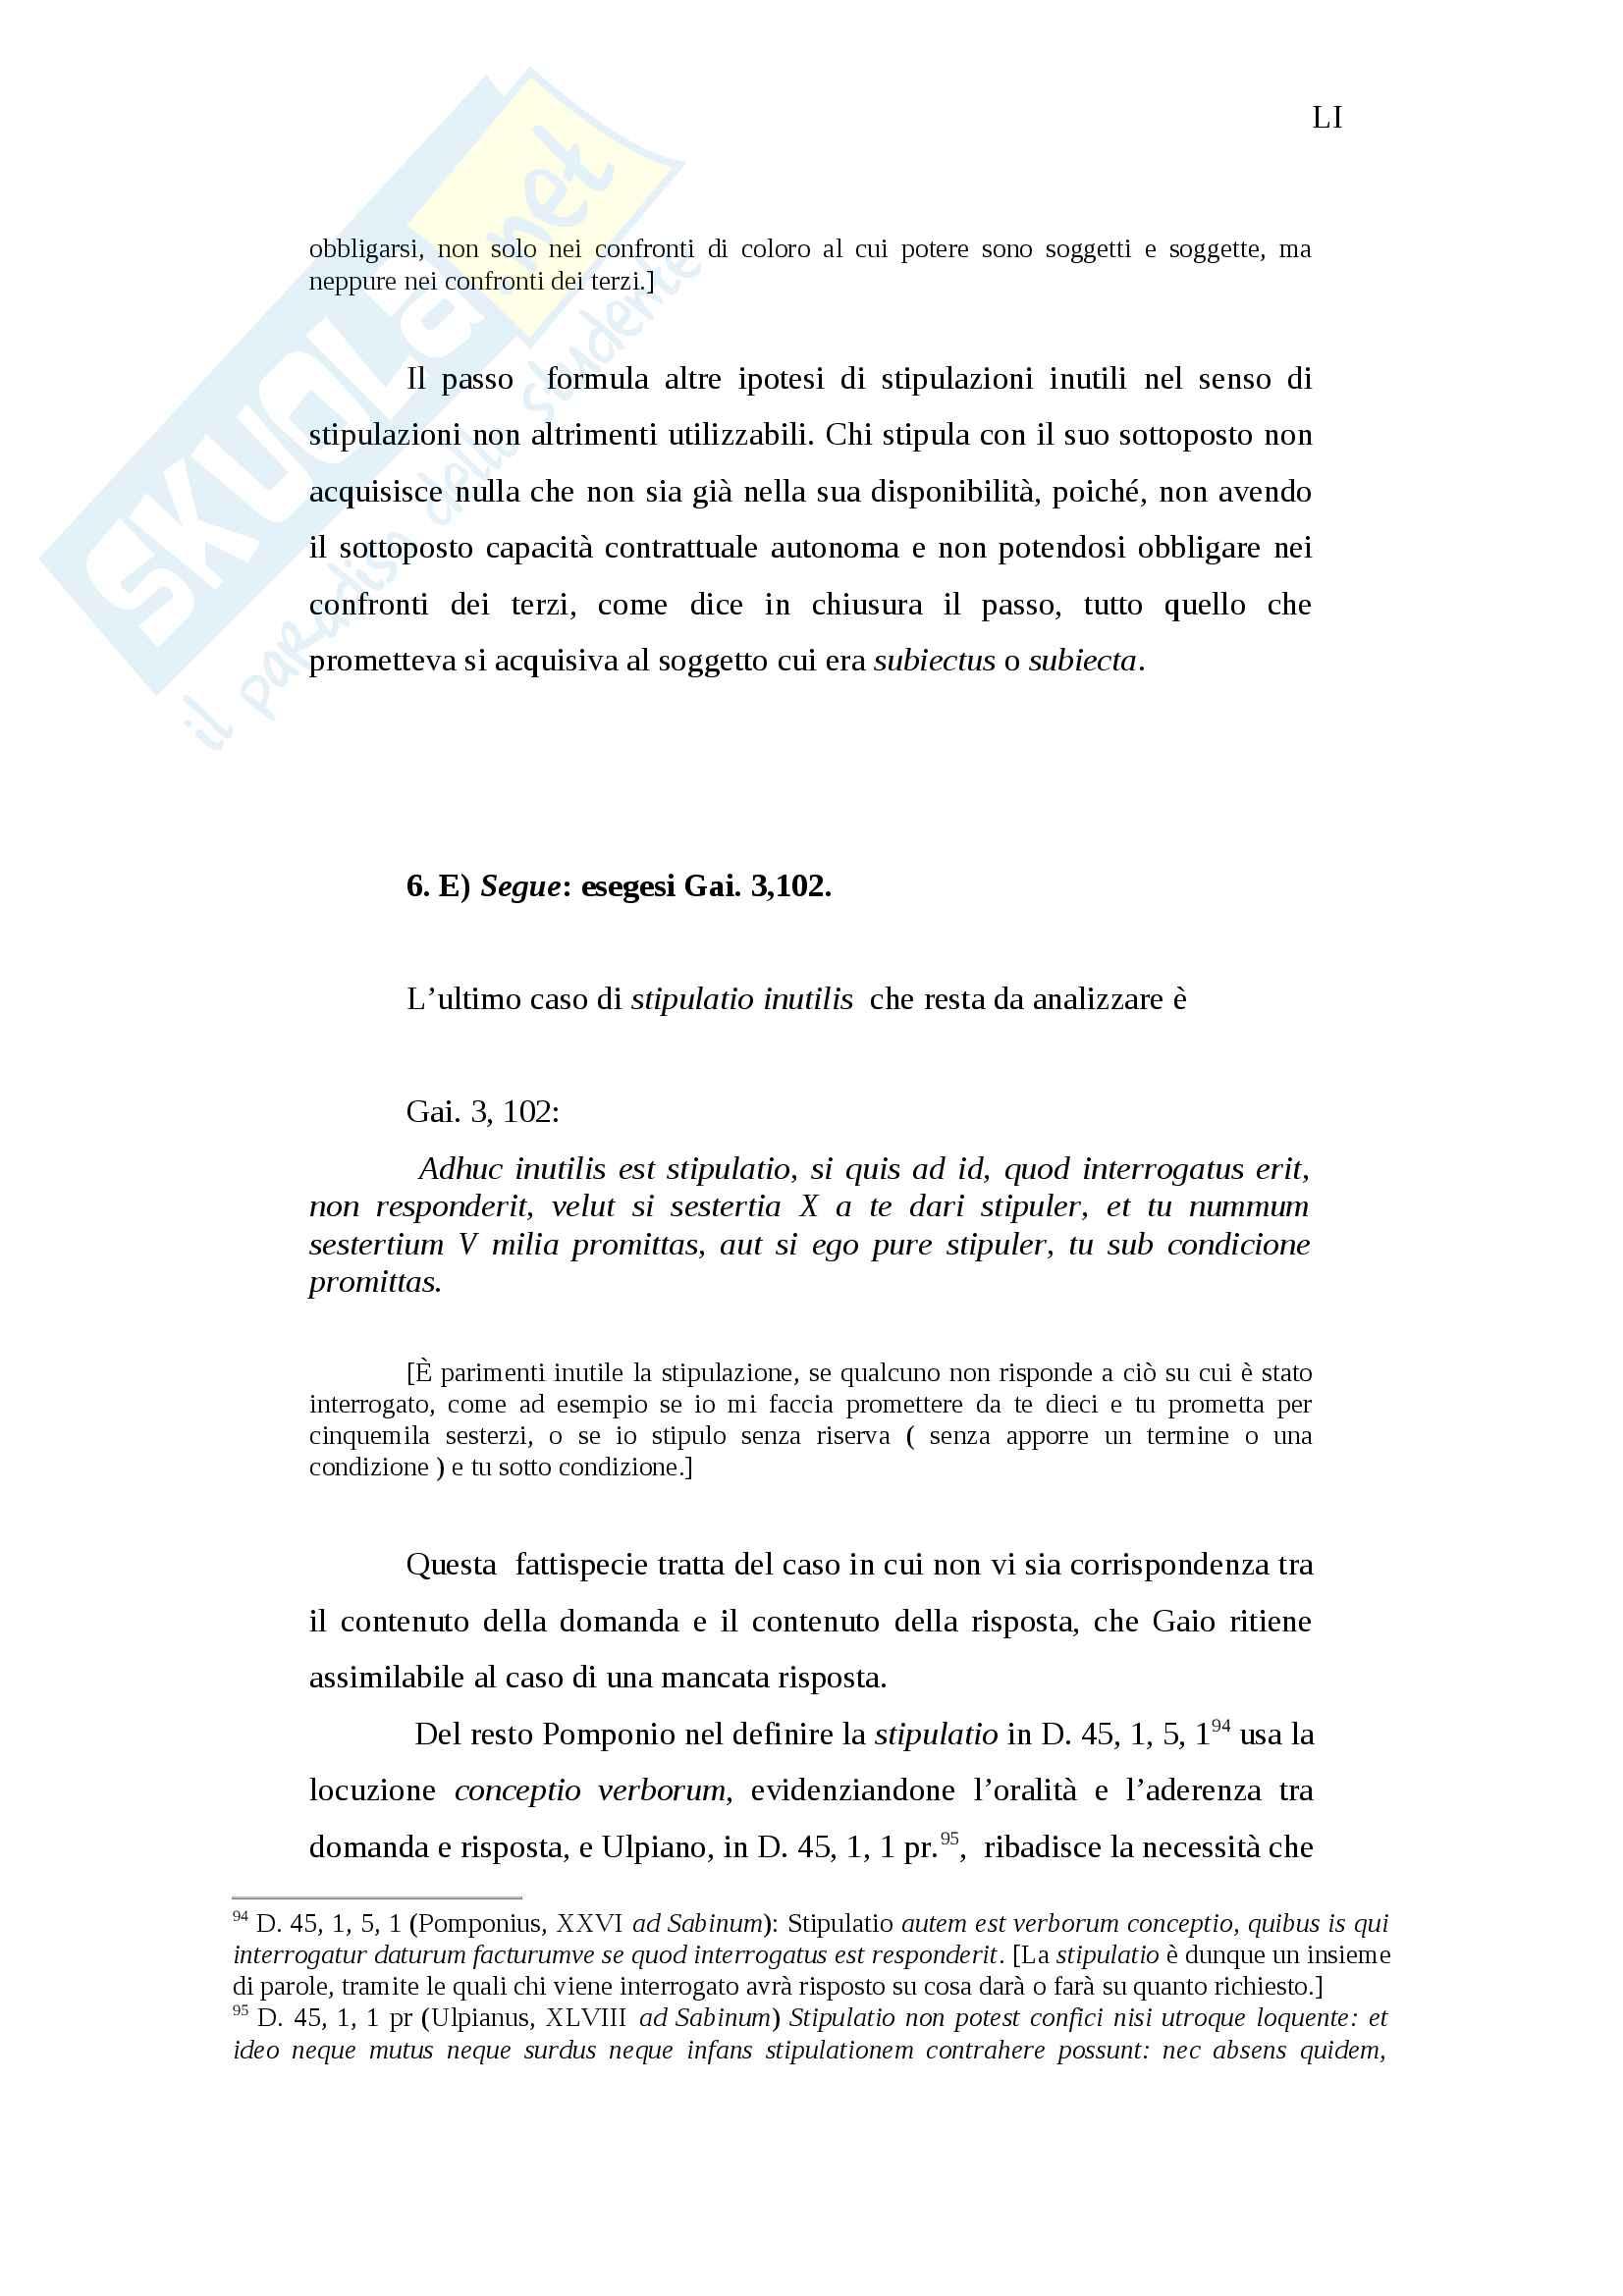 Invalidità ed inefficacia del negozio giuridico in diritto romano Pag. 51